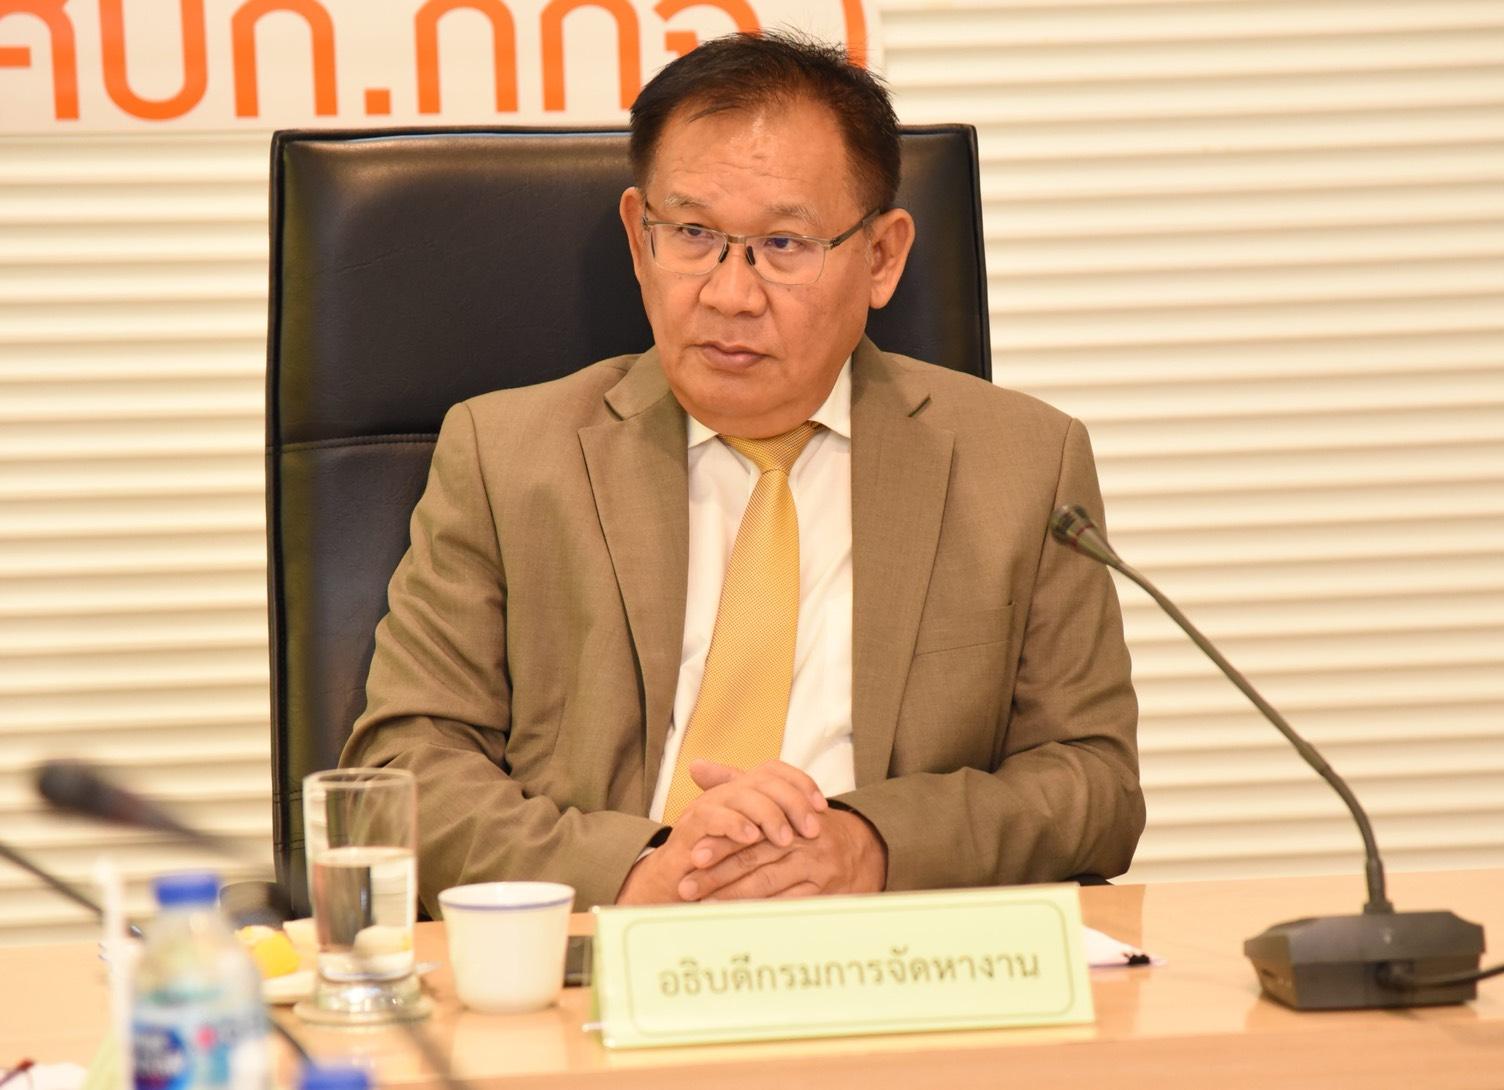 กกจ. เตรียมขยายตลาดแรงงานไทย ป้องกันการลักลอบไปทำงานในสาธารณรัฐเกาหลีโดยผิดกฎหมาย